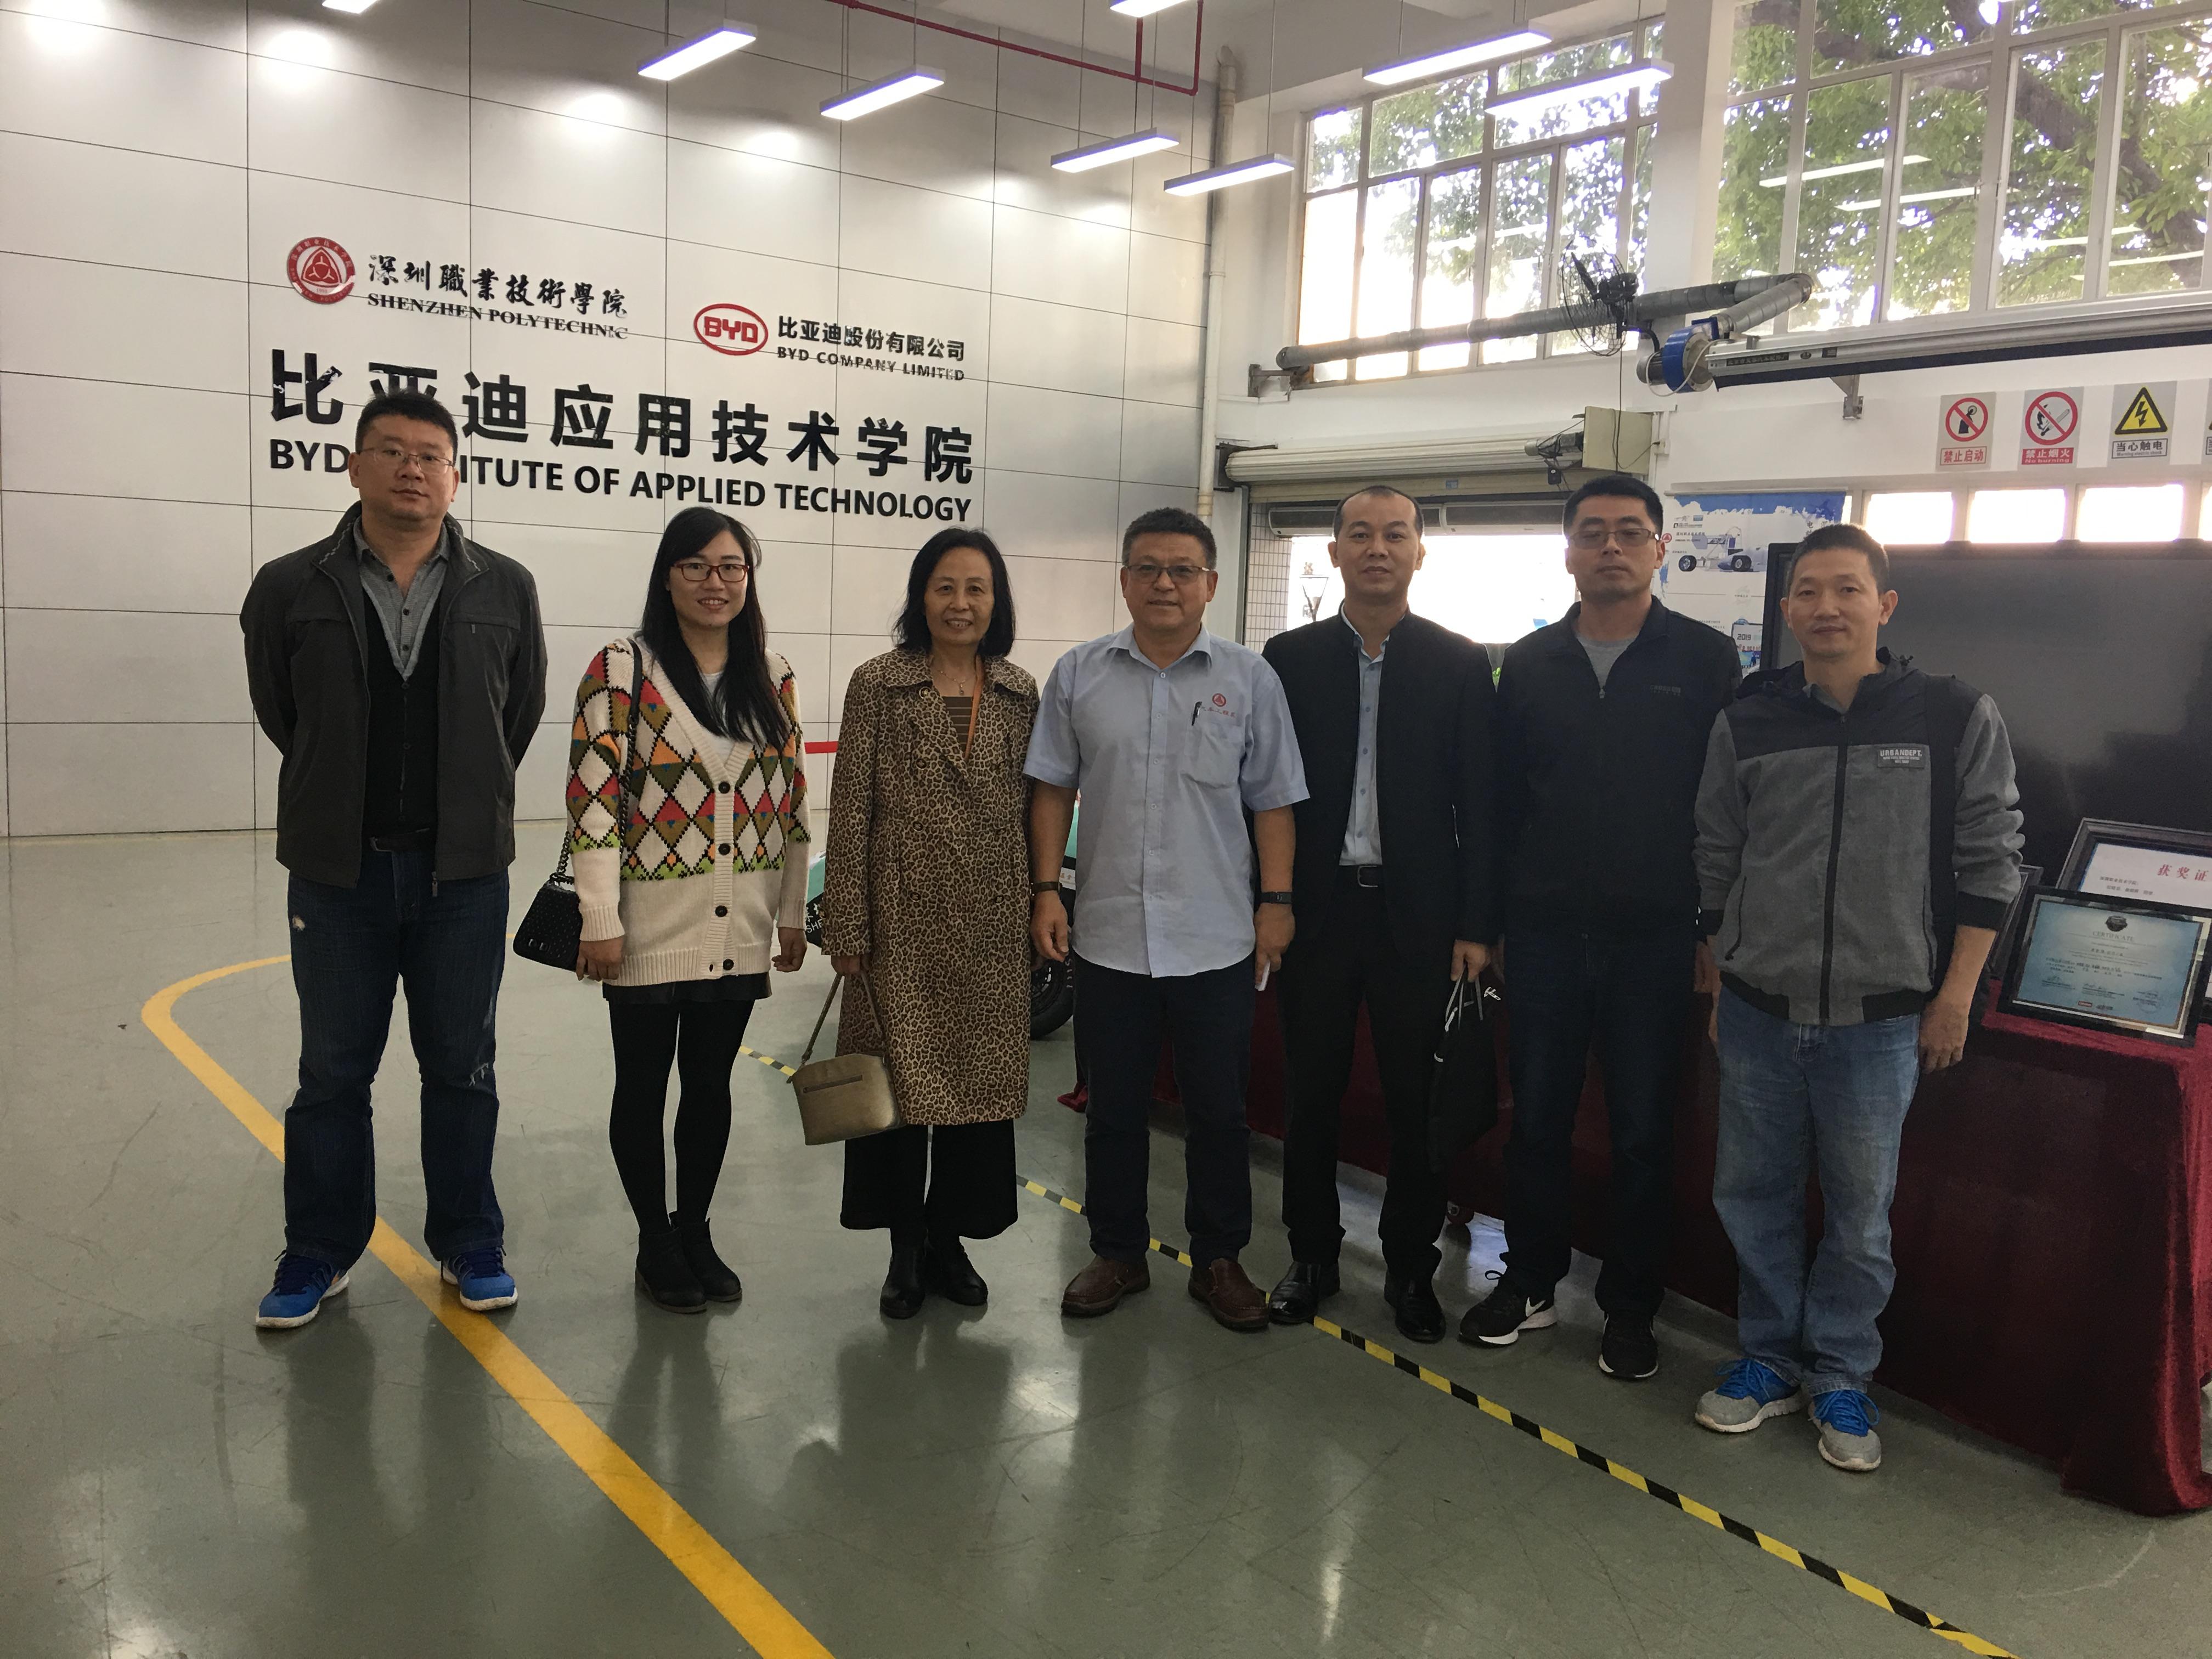 智能制造学院一行到深圳职业技术学院汽车与交通学院交流学习